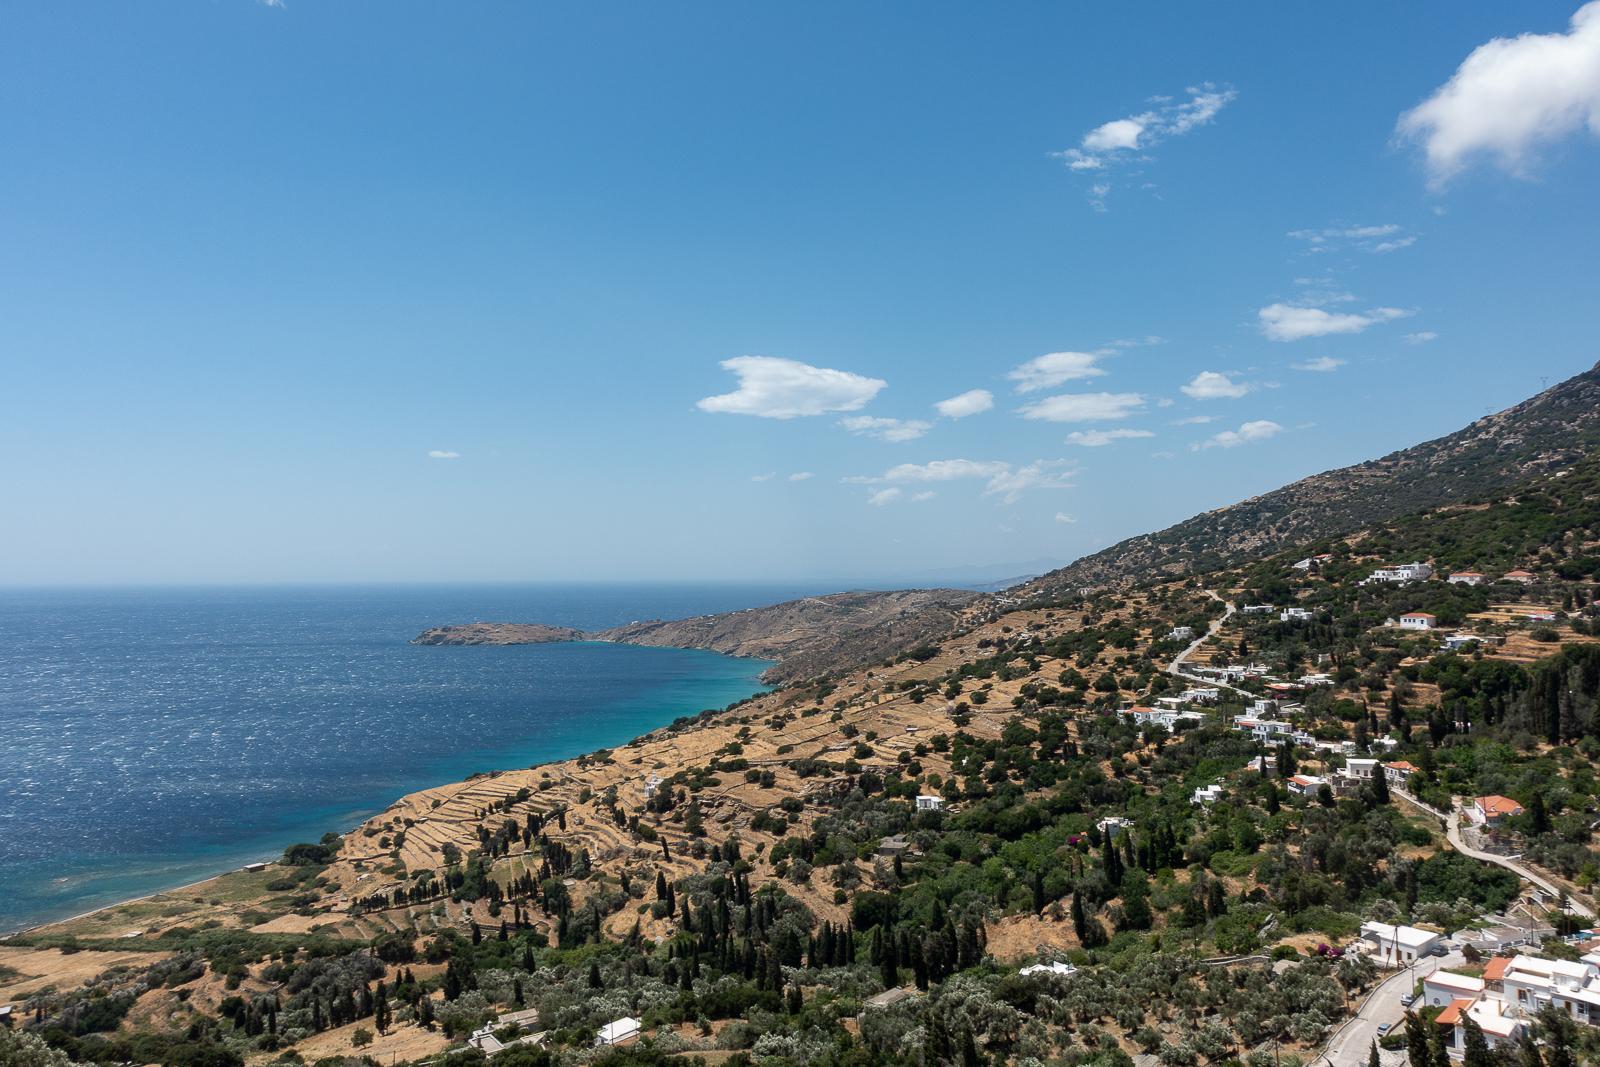 Itinéraire d'un voyage dans les Cyclades : Andros, la plus à l'ouest des Cyclades. Partis pour la Grèce